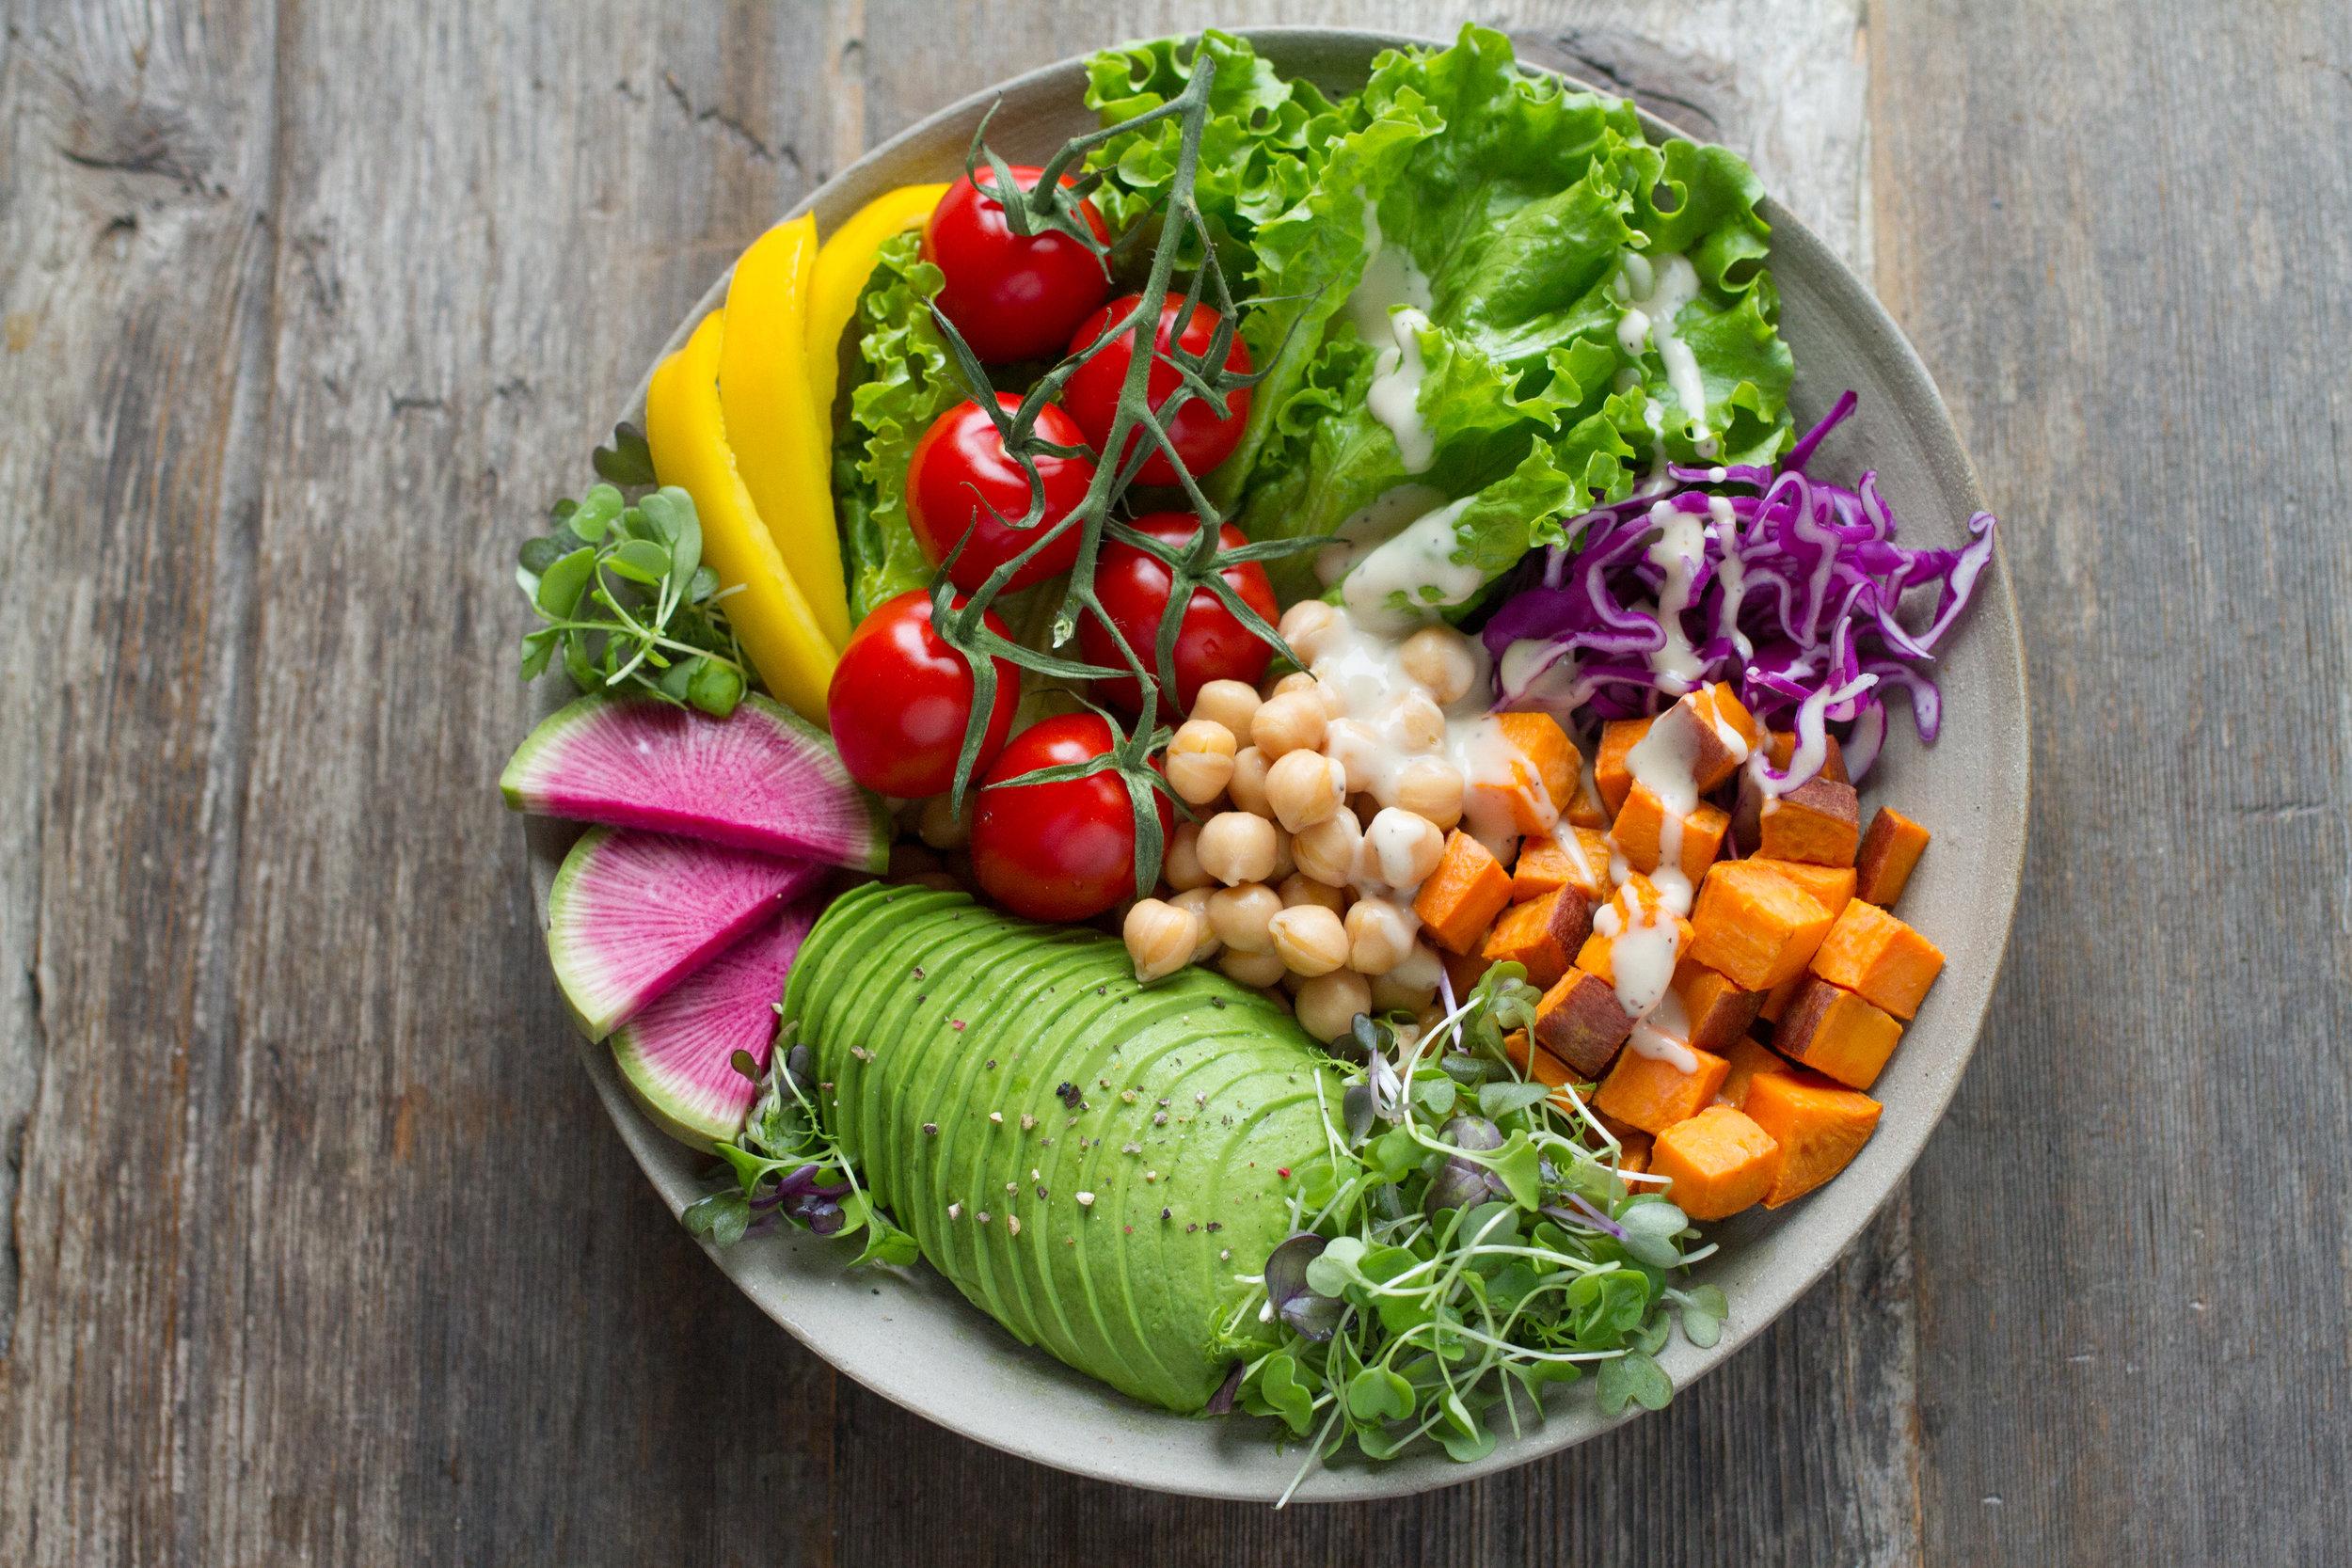 Vege Joy Rainbow Salad